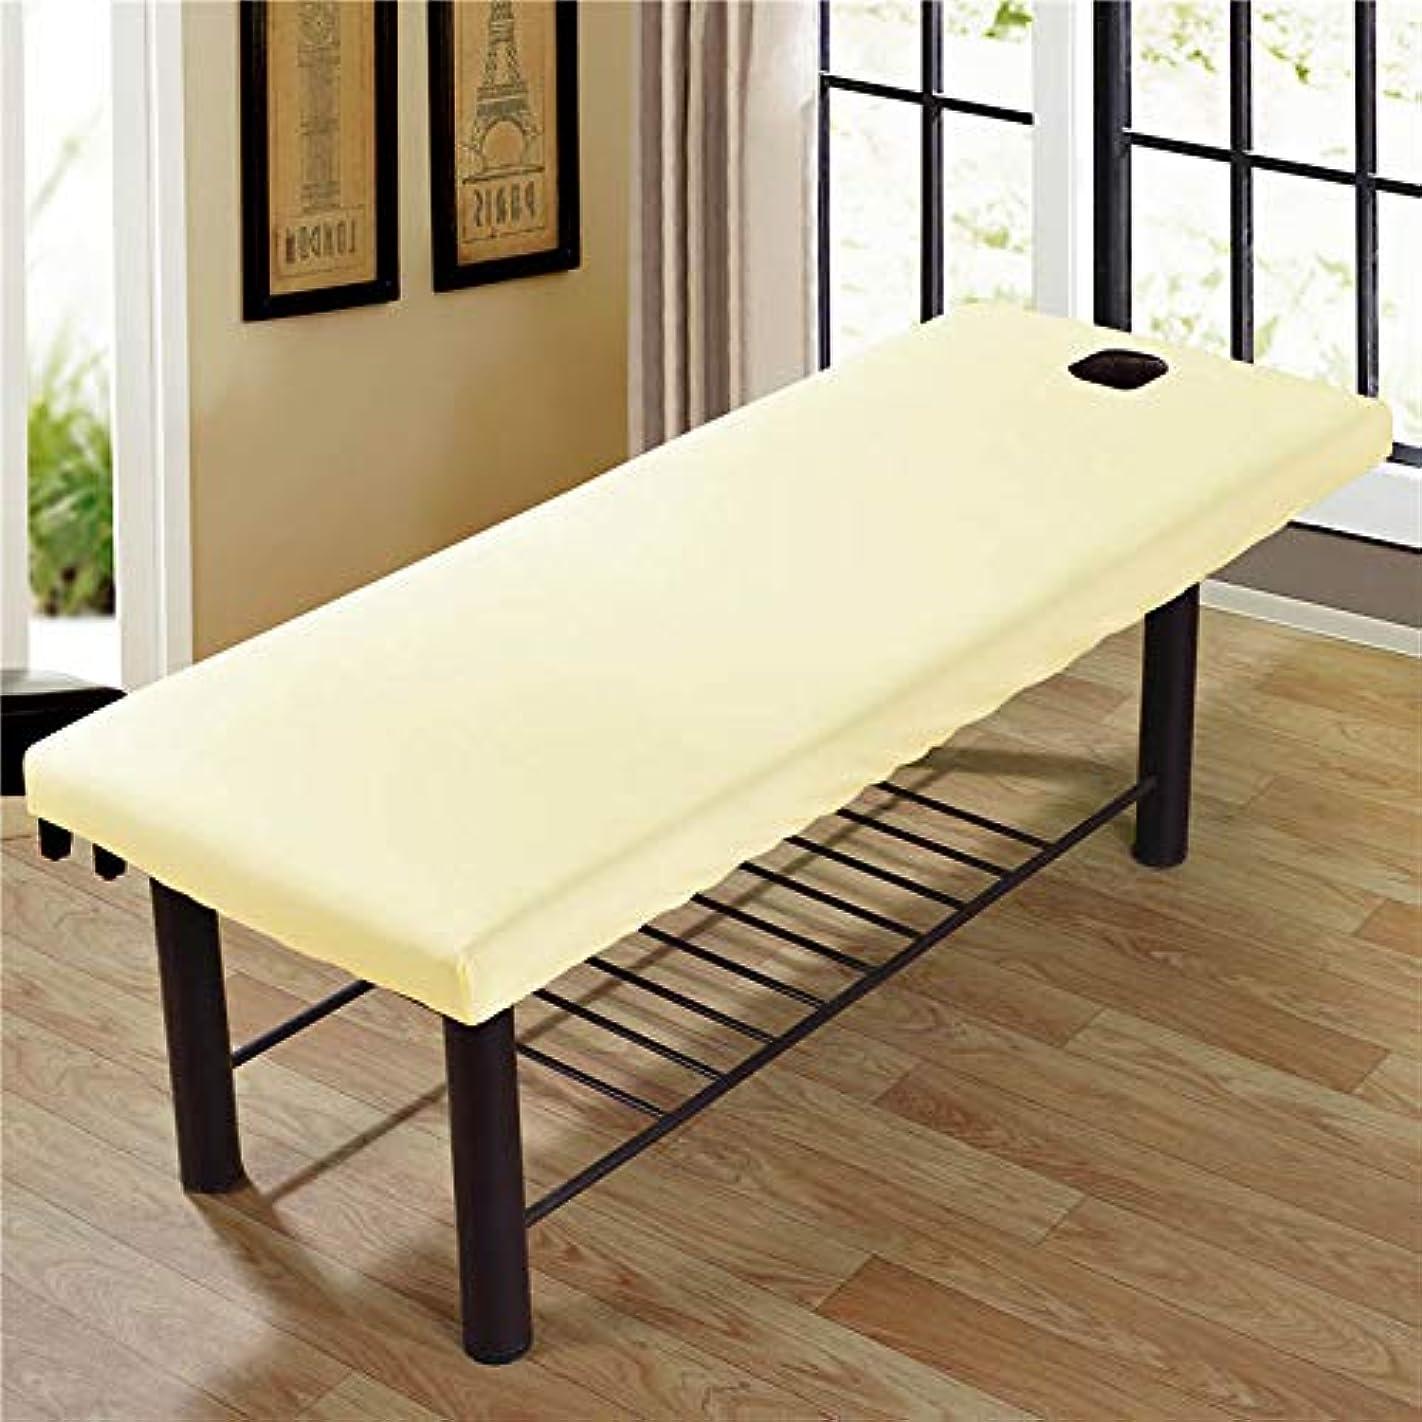 魚湾ワンダーFuntoget  美容院のマッサージ療法のベッドのための柔らかいSoliod色の長方形のマットレス